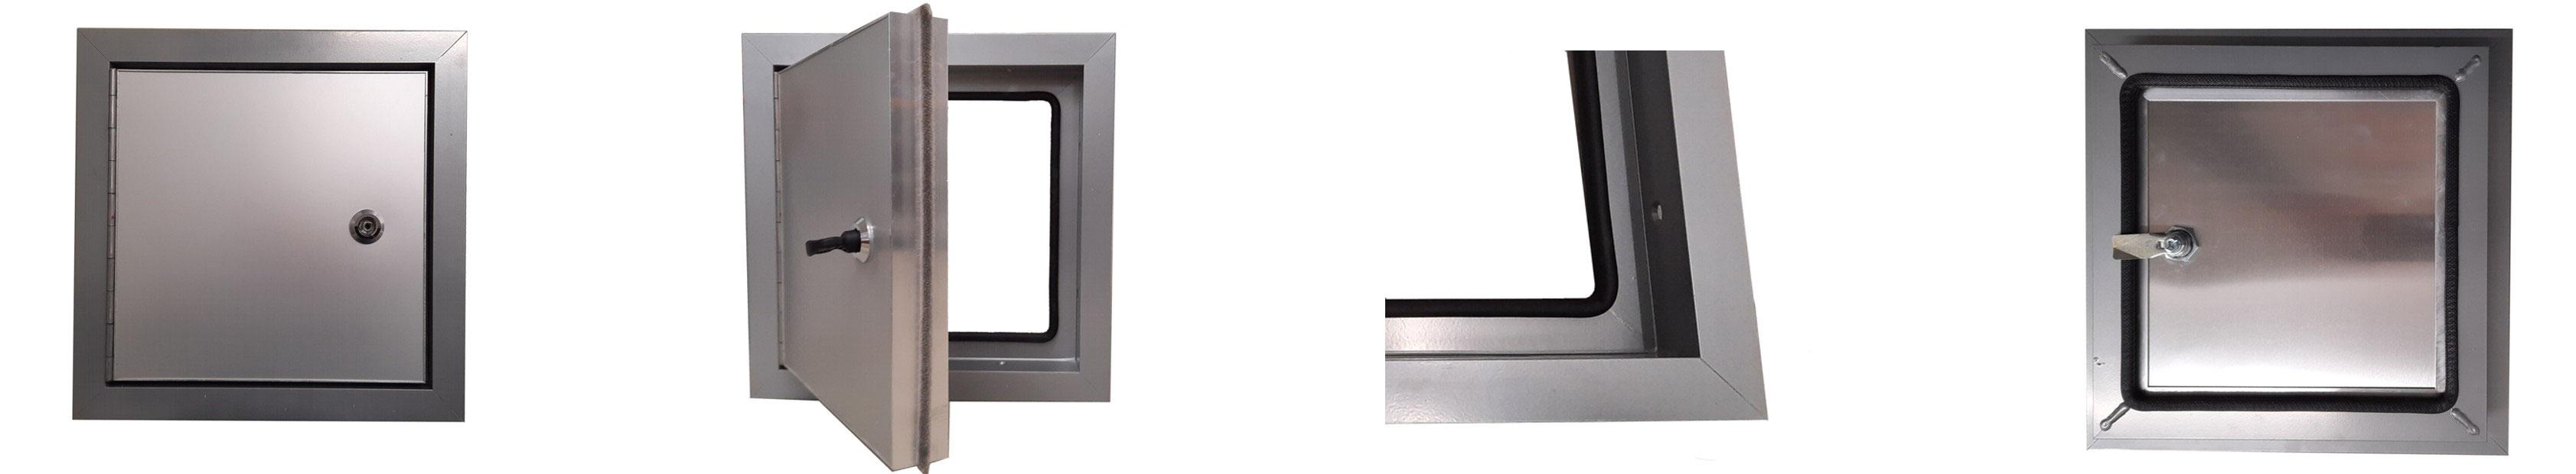 Trappe de visite 600x600mm avec cadre en alu et ouvrant en plaque de plâtre BA13